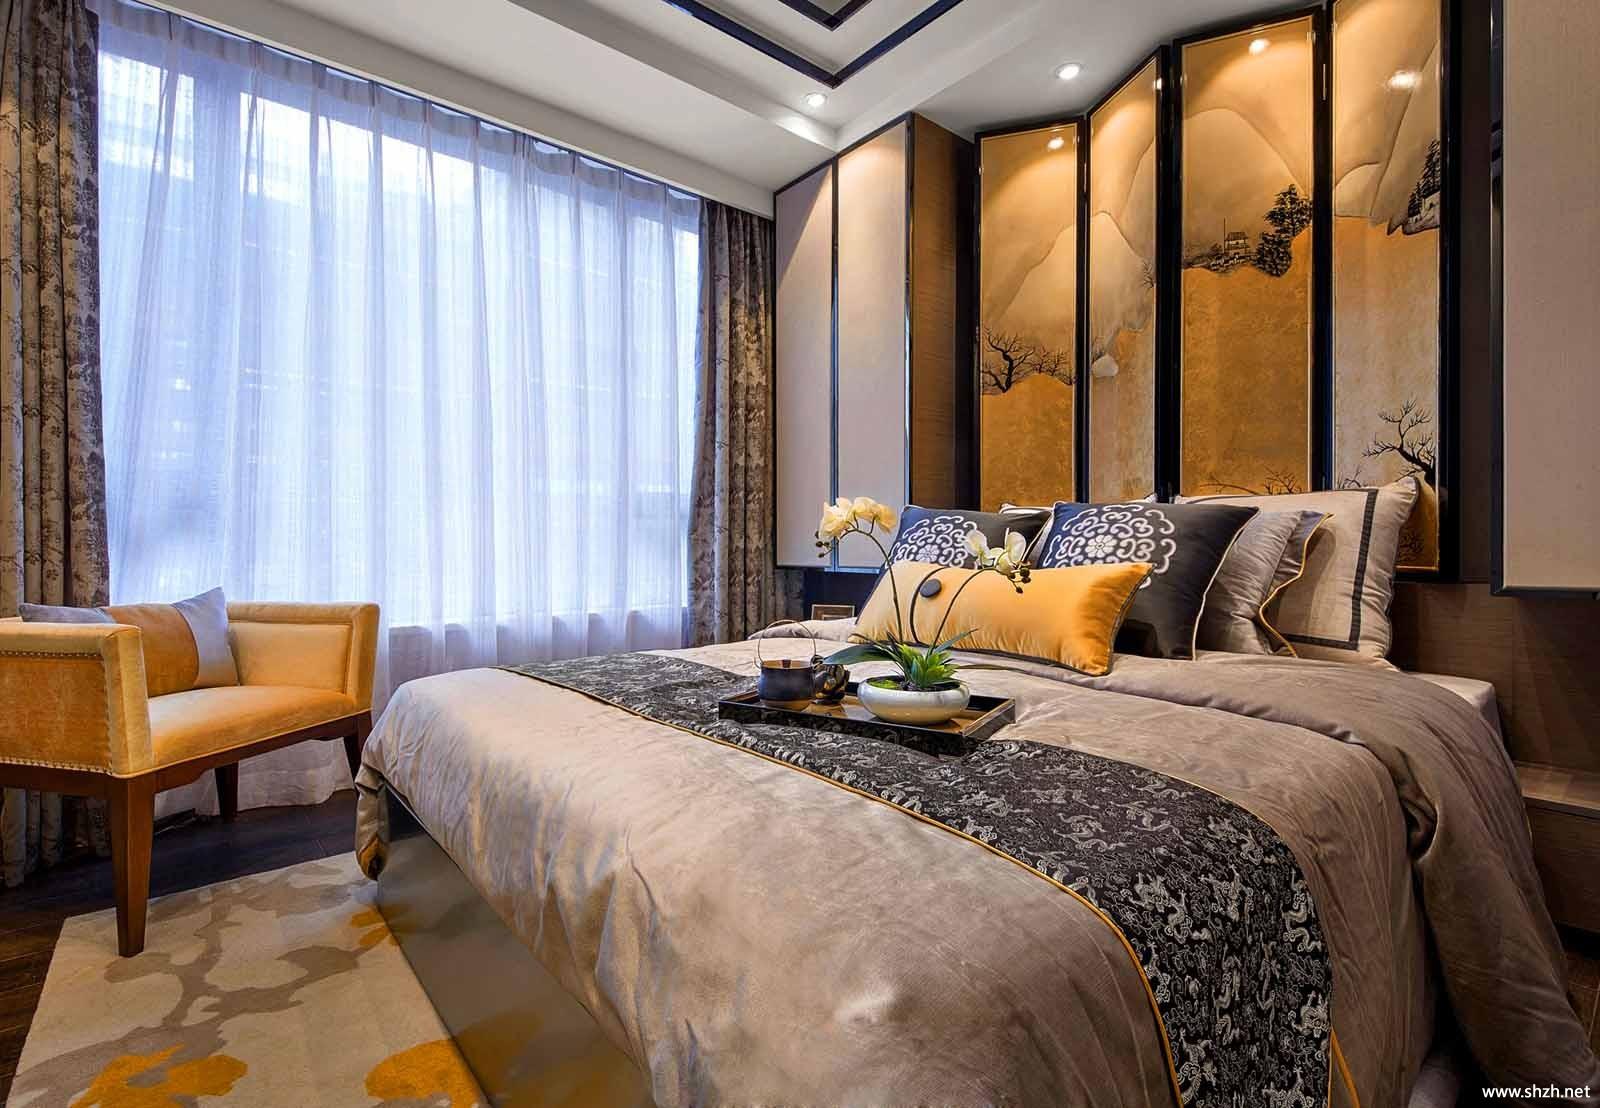 中式卧室床效果图图片